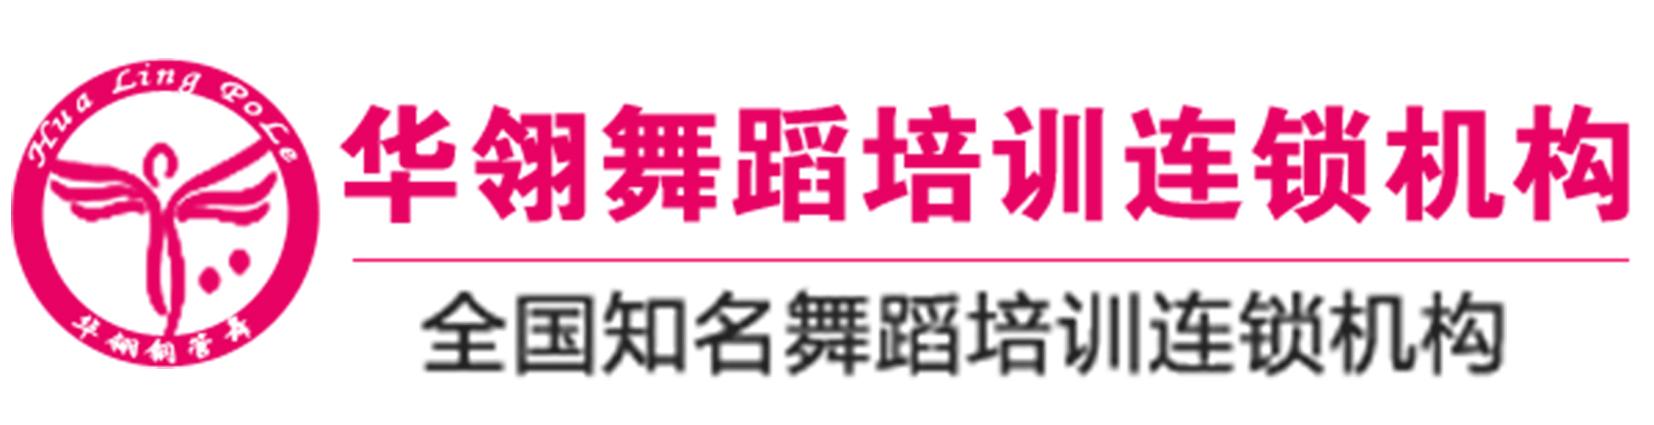 赣州章贡区华翎舞蹈培训机构logo